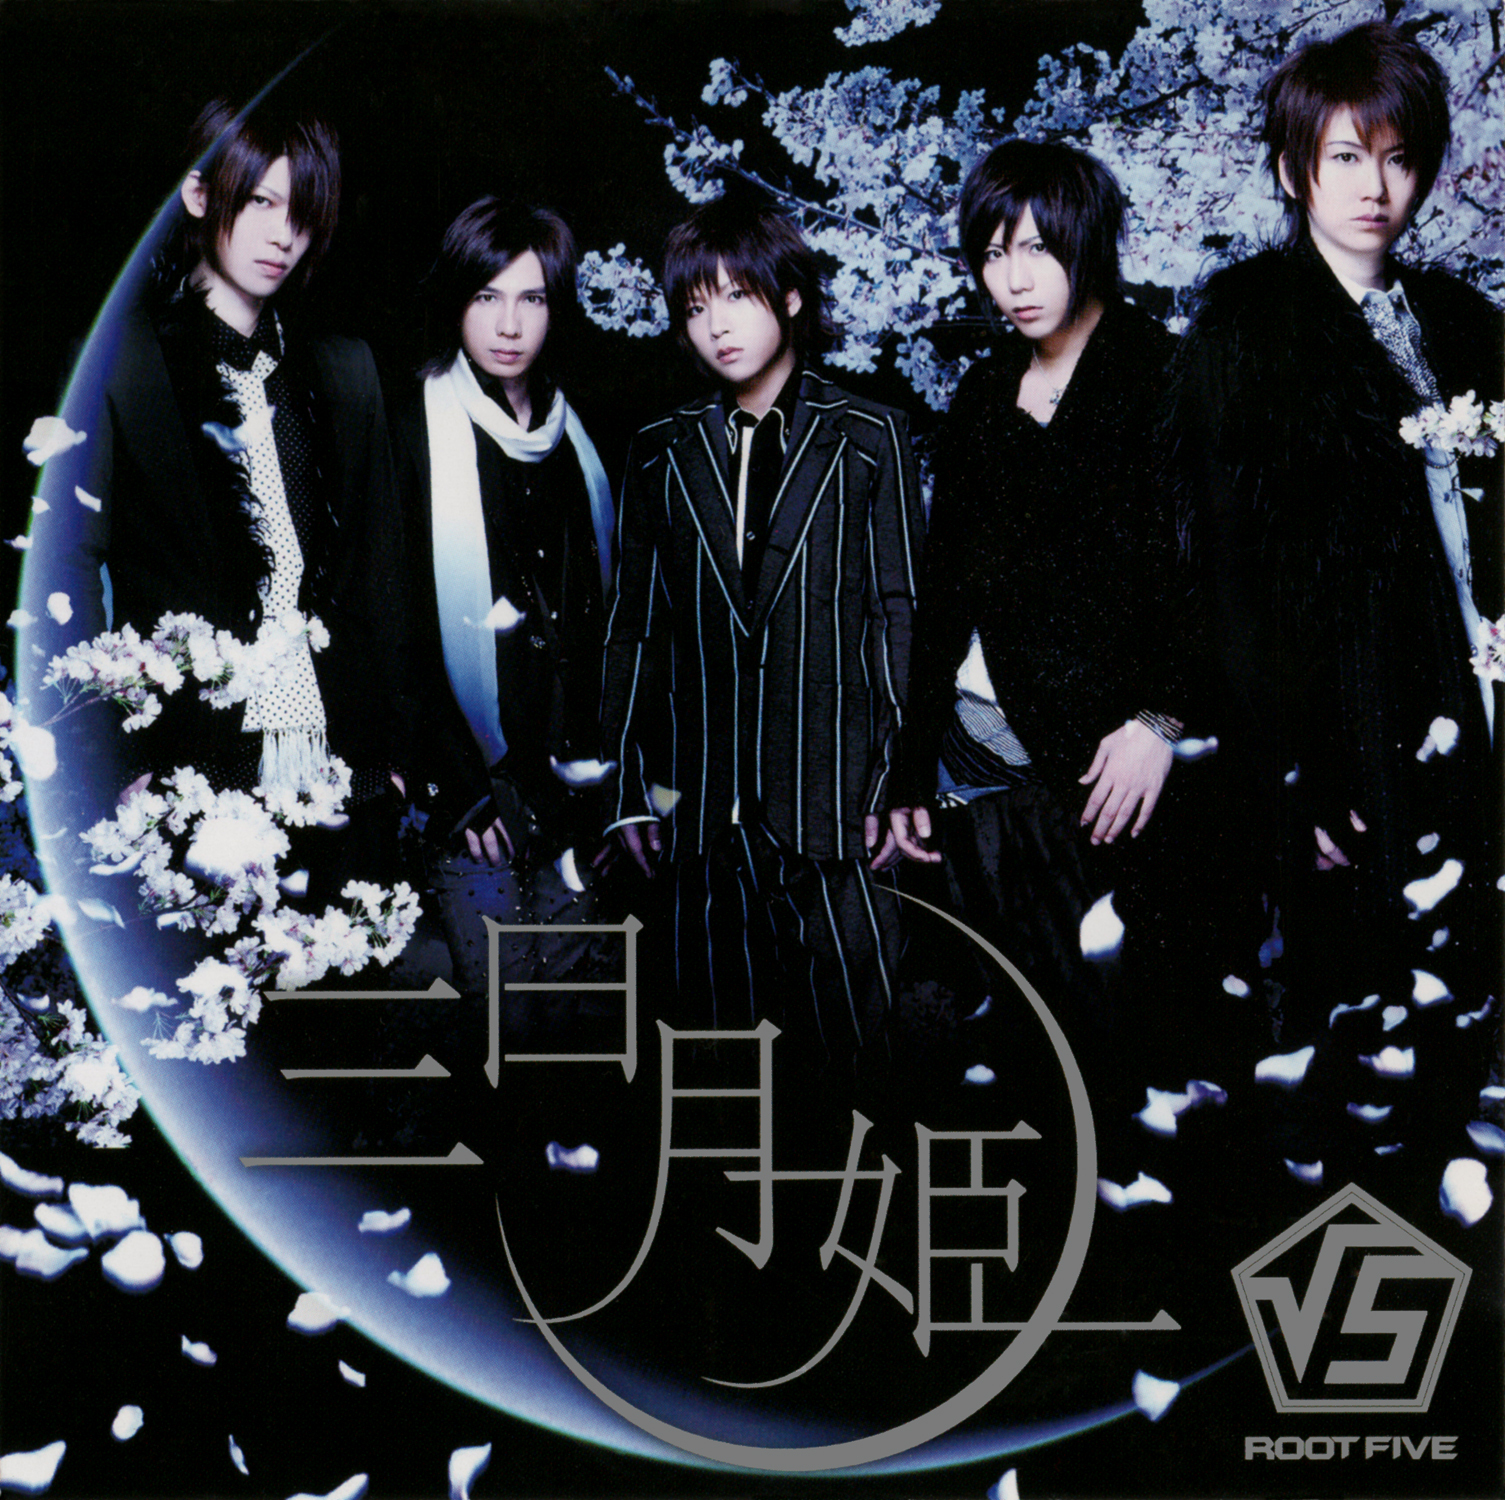 ROOT FIVE (ルートファイブ)「三日月姫 (DVD付A)」高画質ジャケット画像